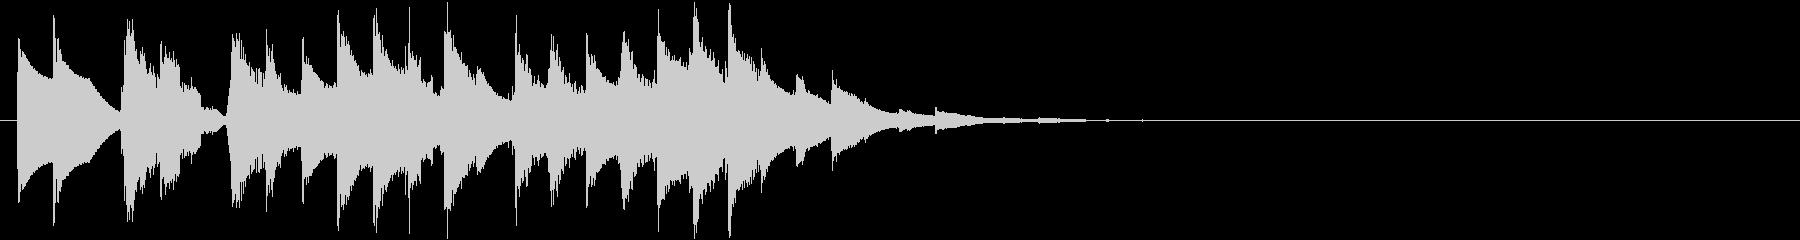 プルンピロッピロロピロロロ(タイトル)の未再生の波形